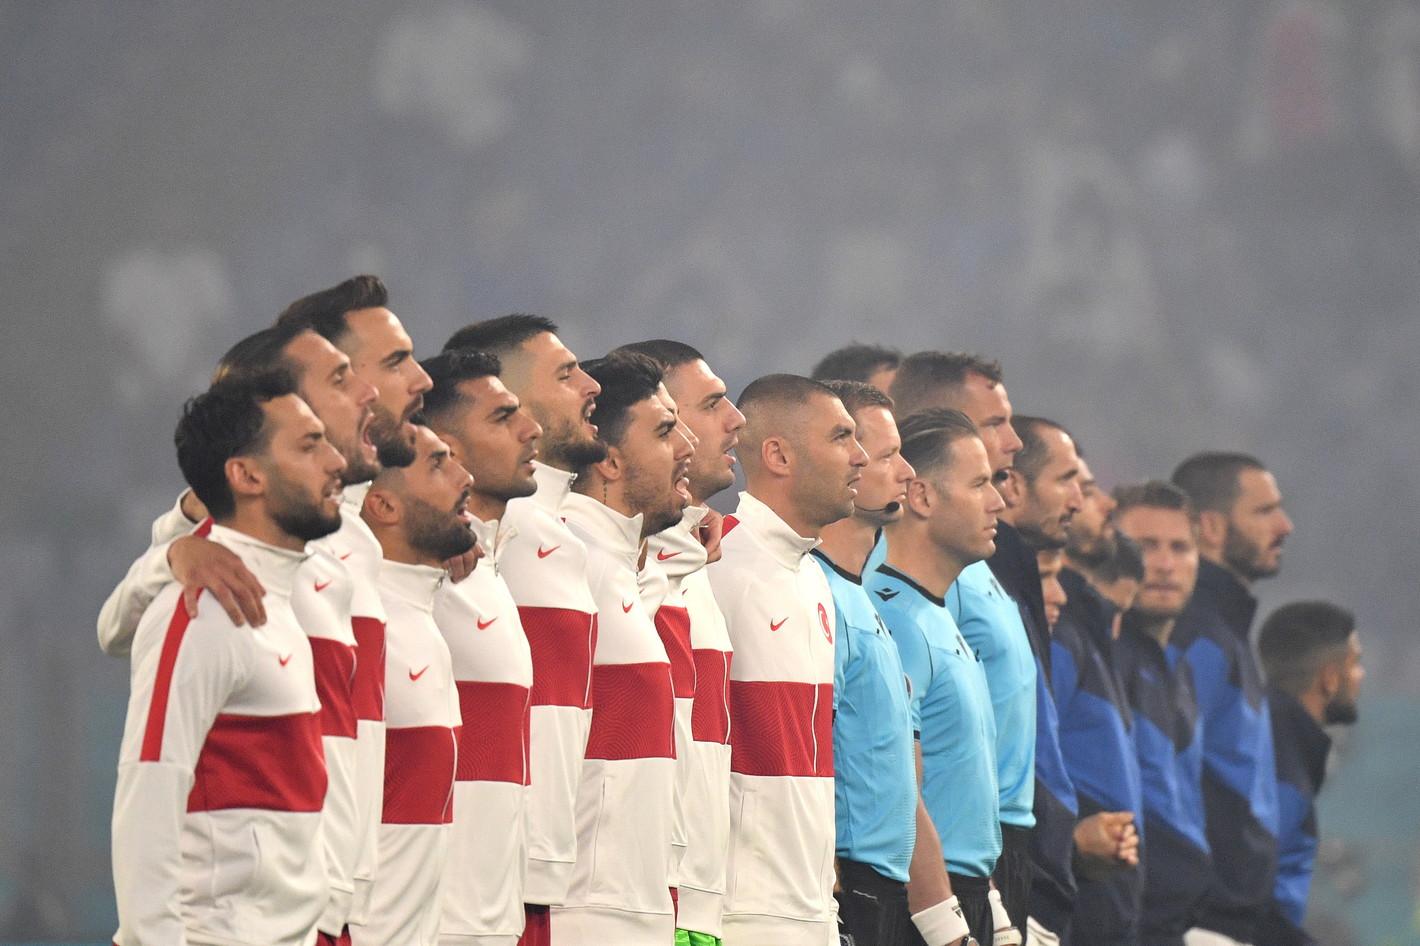 Le immagini della sfida dell&#39;Olimpico tra Turchia e Italia, partita inaugurale di Euro 2020<br /><br />